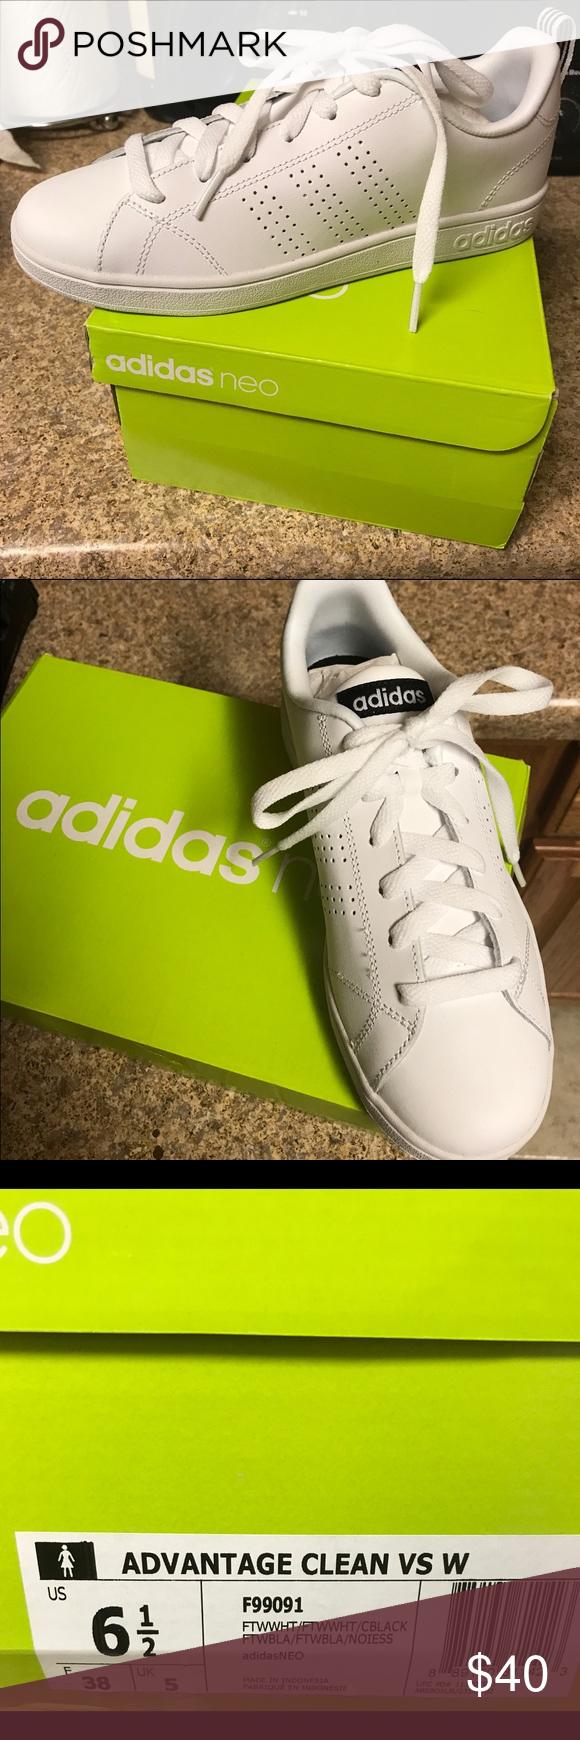 le adidas neo cloudfoam vantaggio pulito nuovi tag ancora